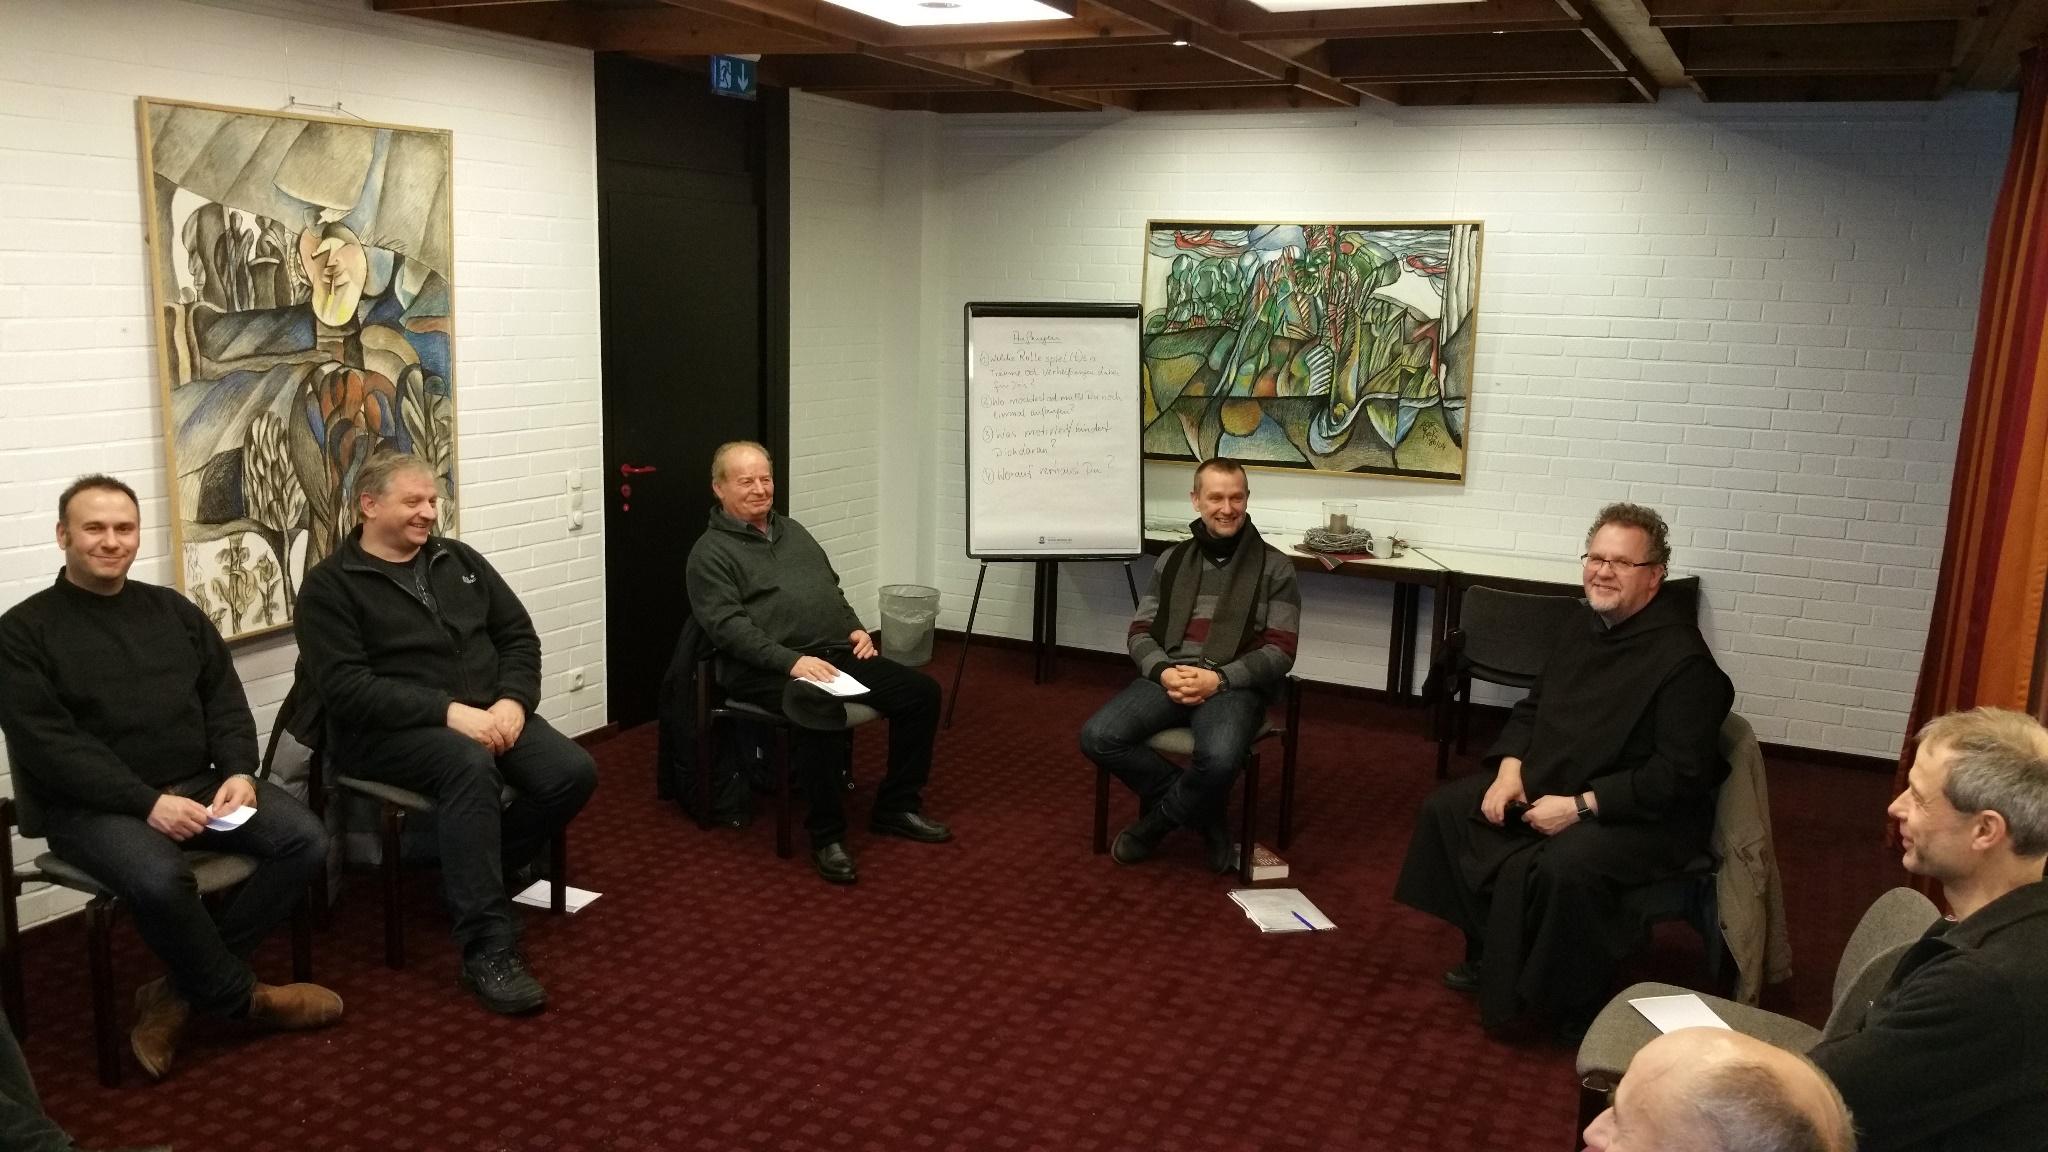 Männersamstag unter Leitung von Bruder Josef van Scharrel OSB (2 vr.) und Ludger Nikorowitsch (3 vr.) - Foto Dirk Parchmann